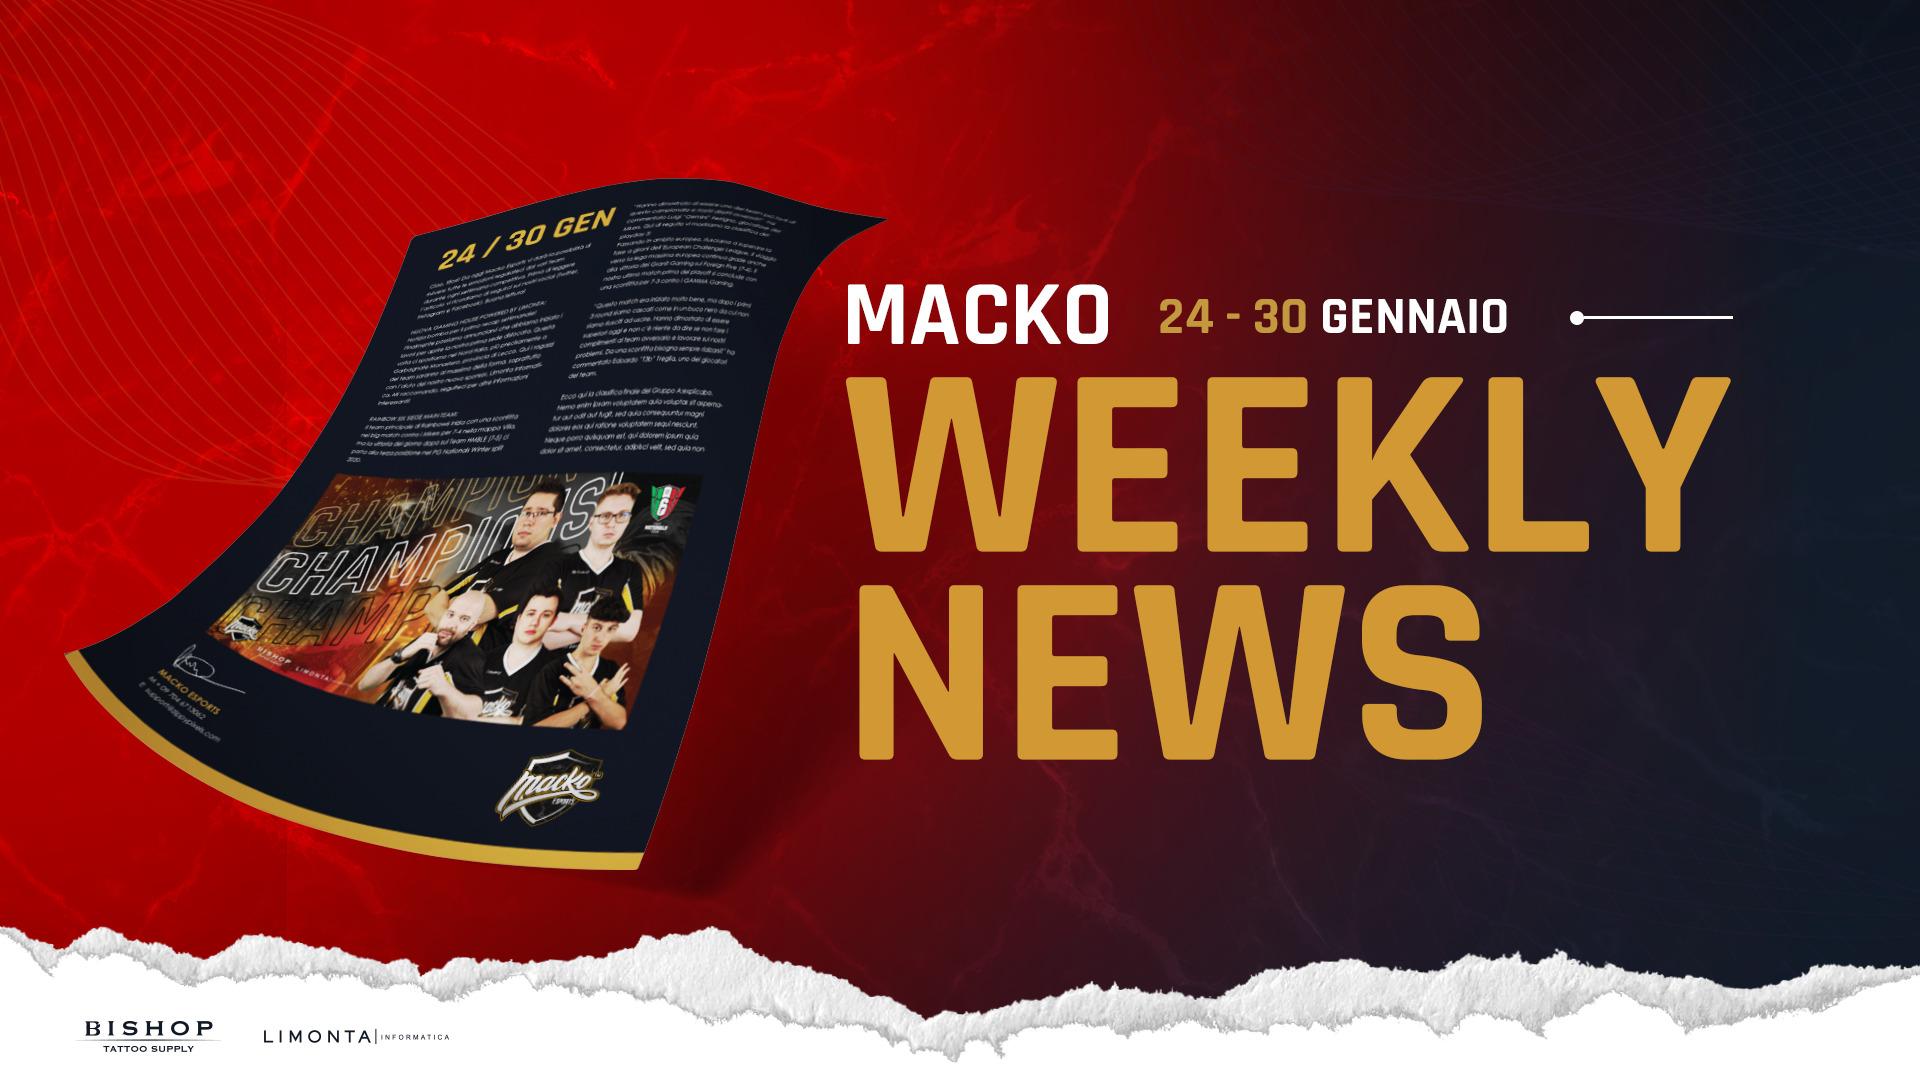 MACKO weekly news